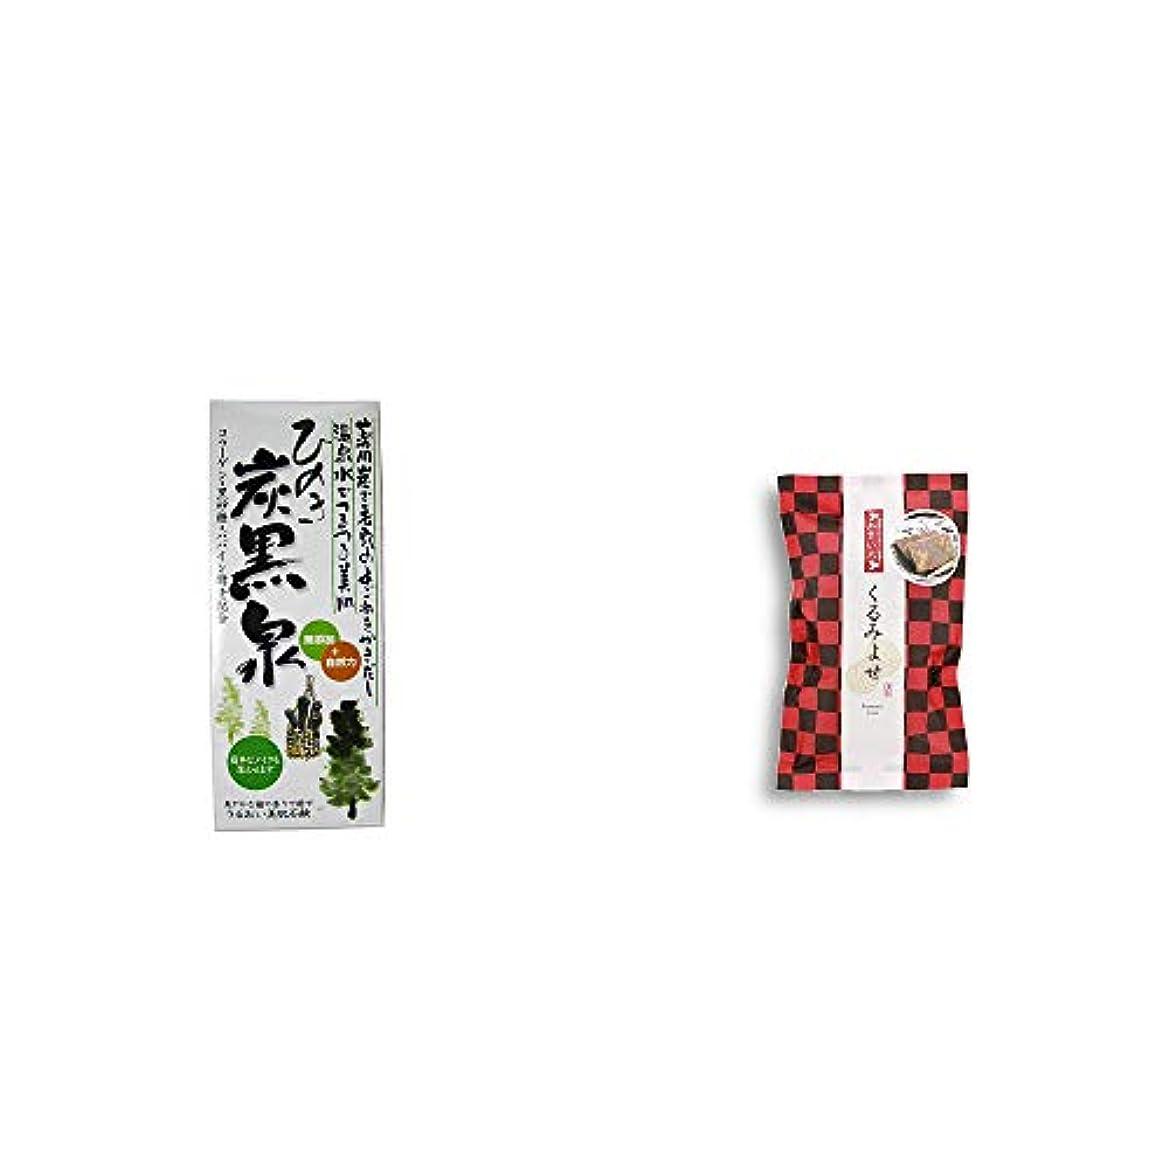 パニック雇ったサイレン[2点セット] ひのき炭黒泉 箱入り(75g×3)?くるみよせ(こし餡)(5個入)